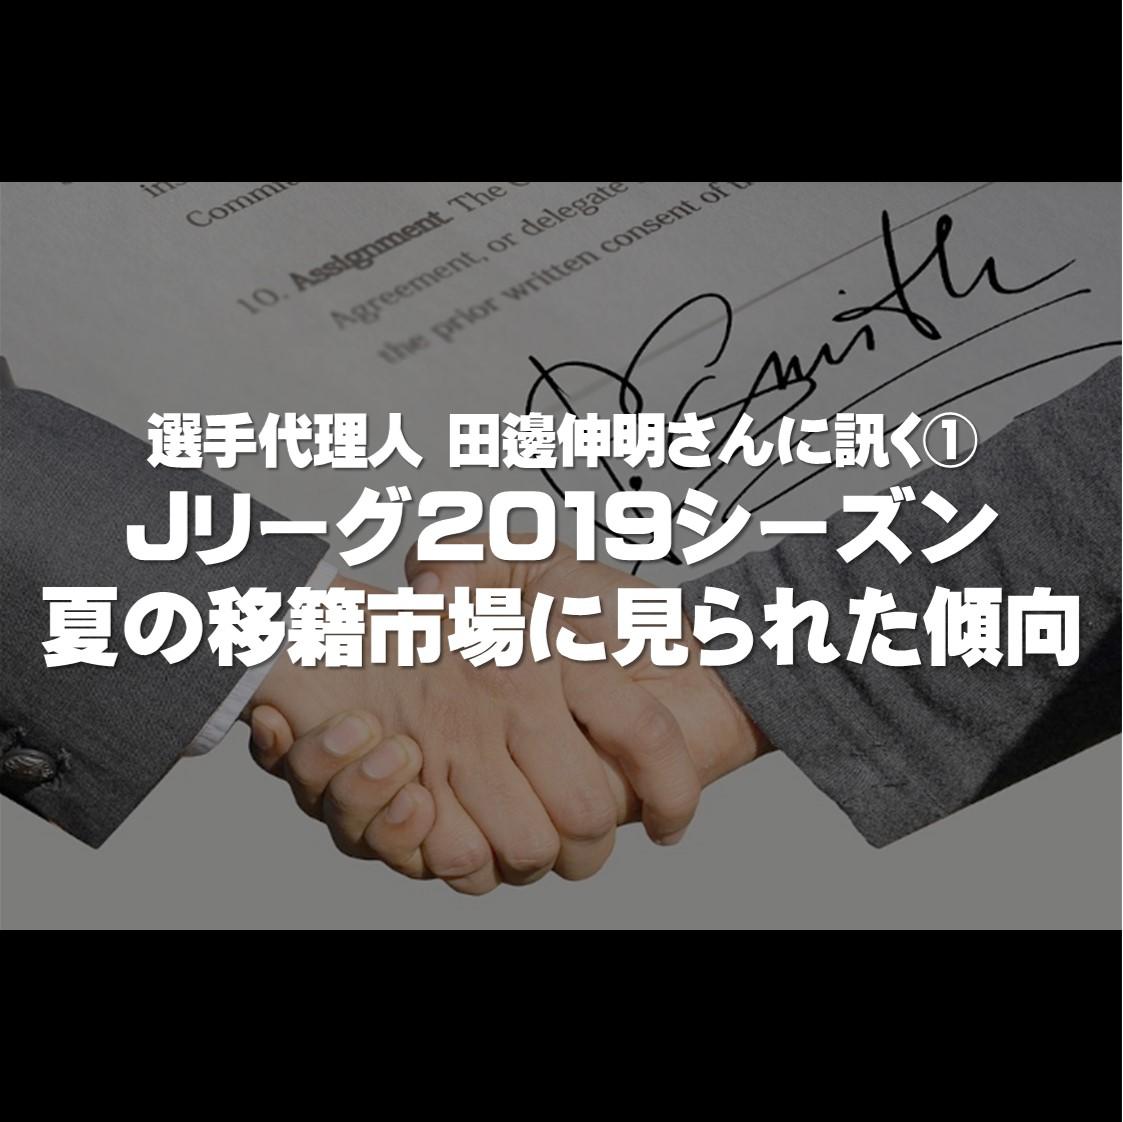 j リーグ 移籍 2019